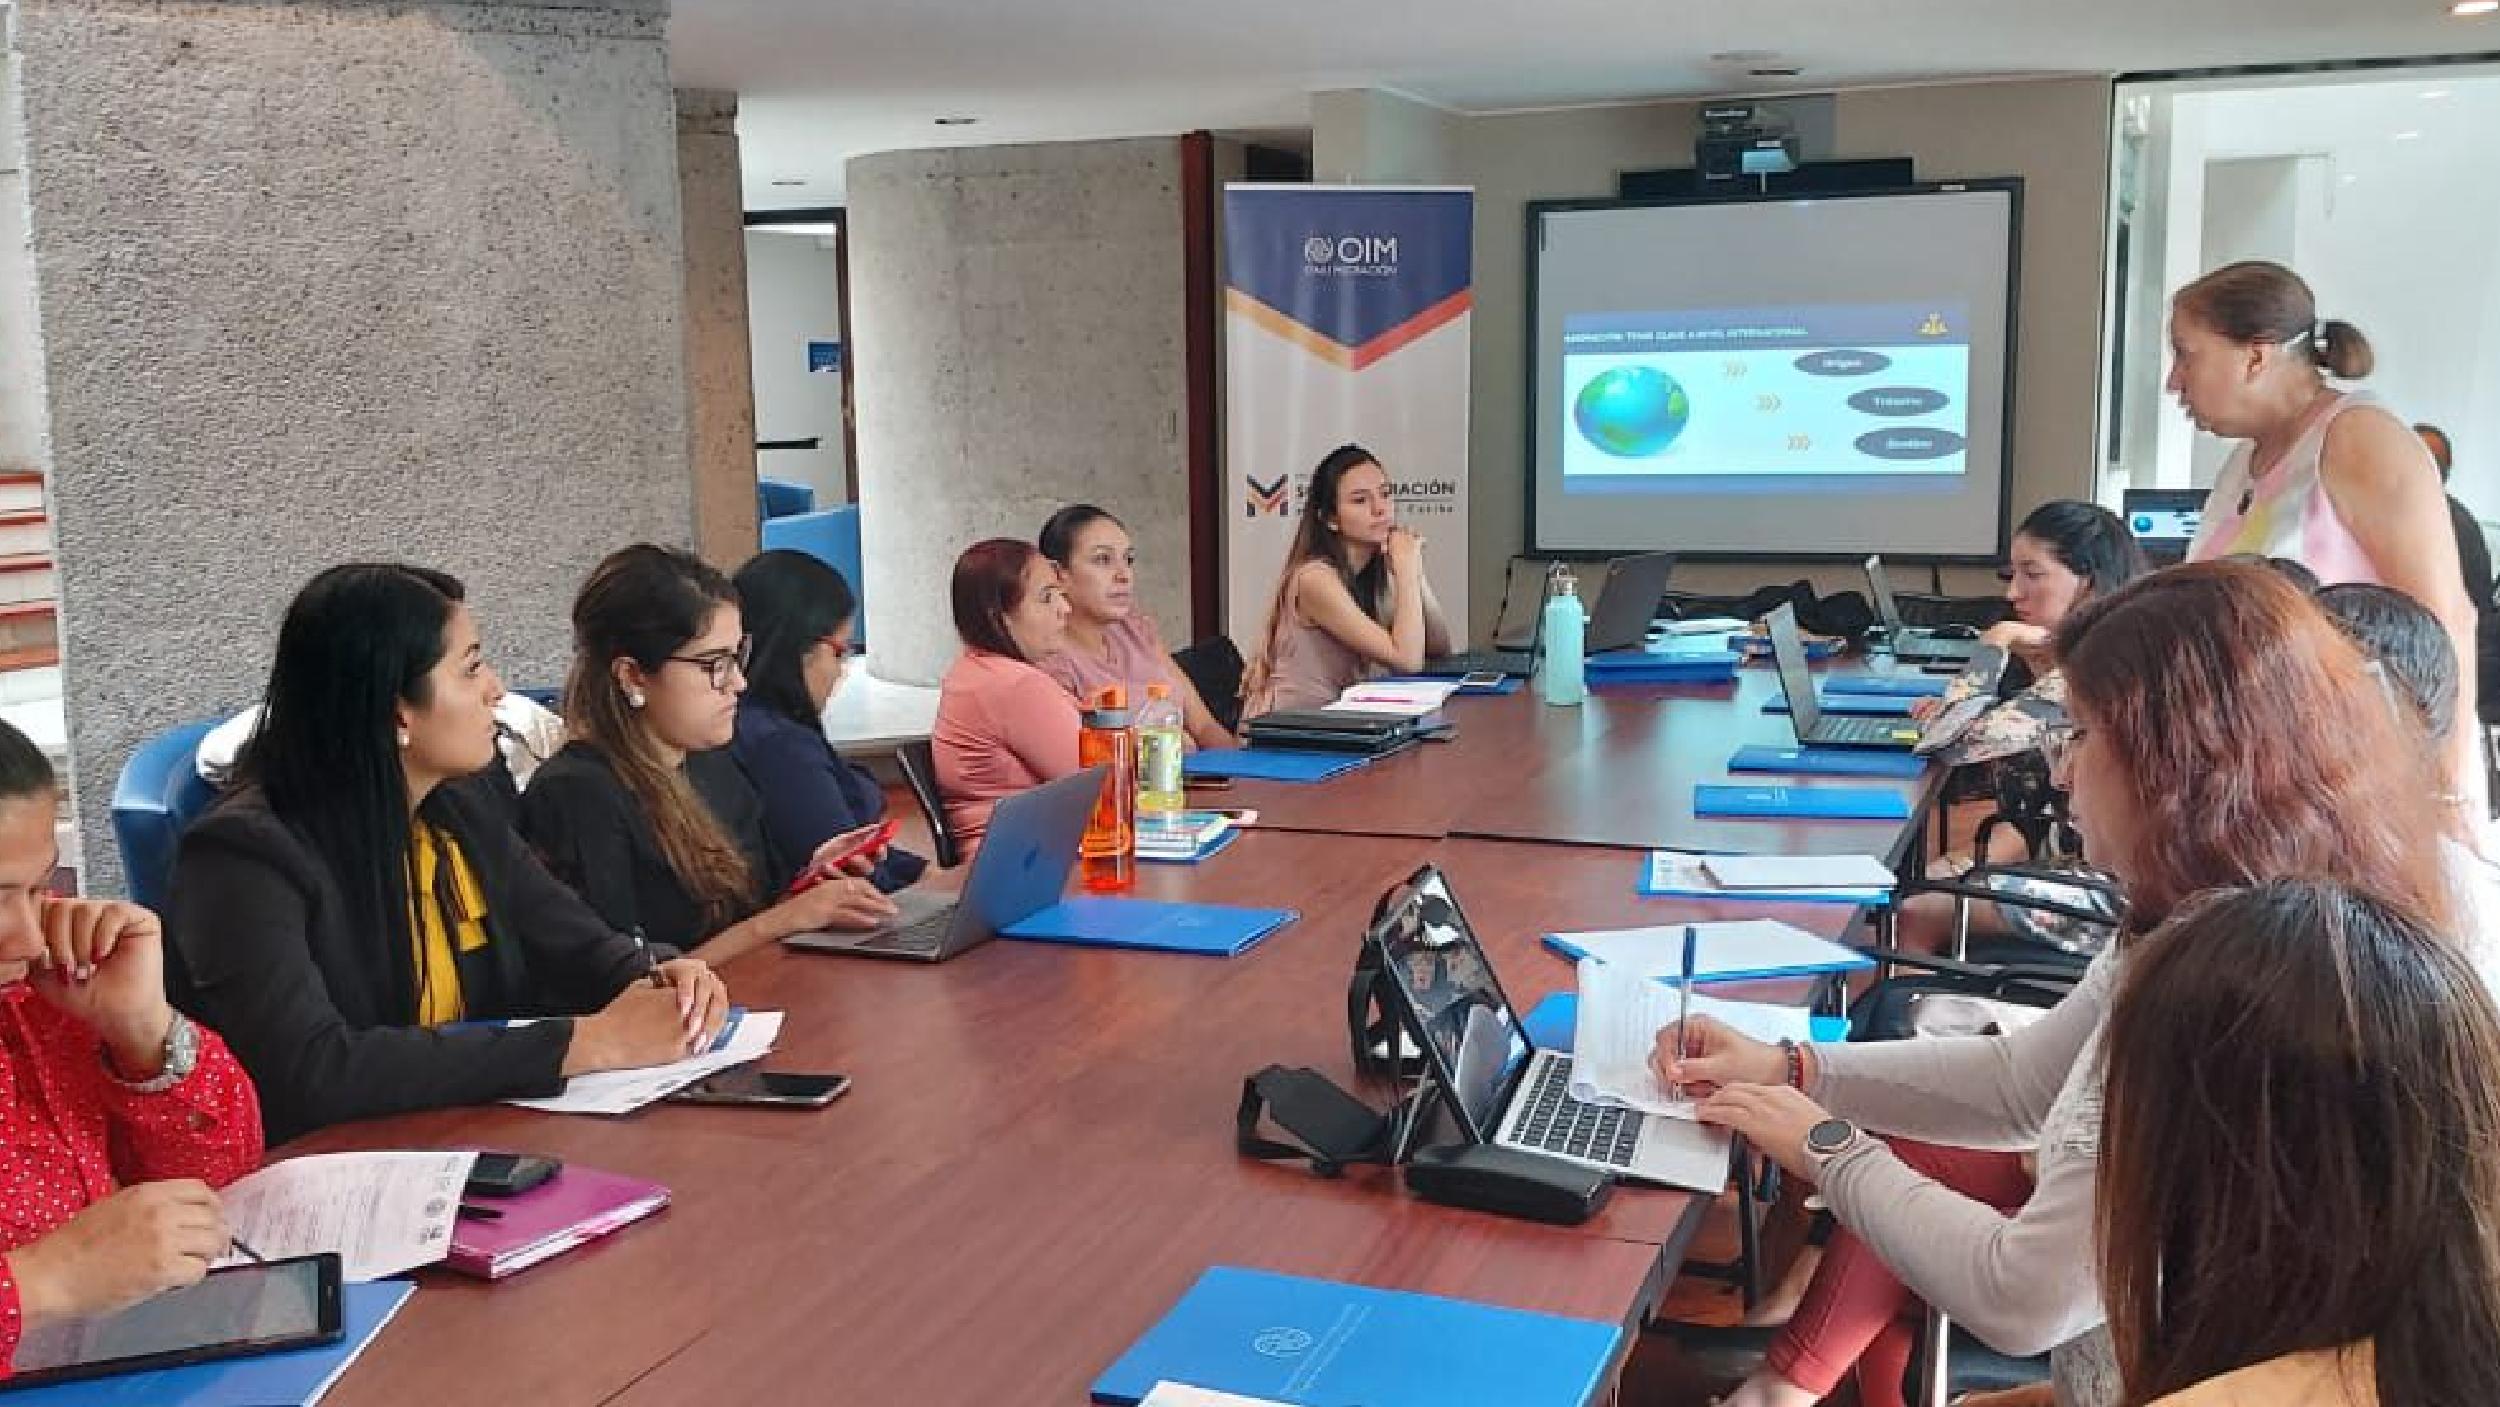 La OIM capacita en materia migratoria a personal municipal y a defensores sociales del Colegio